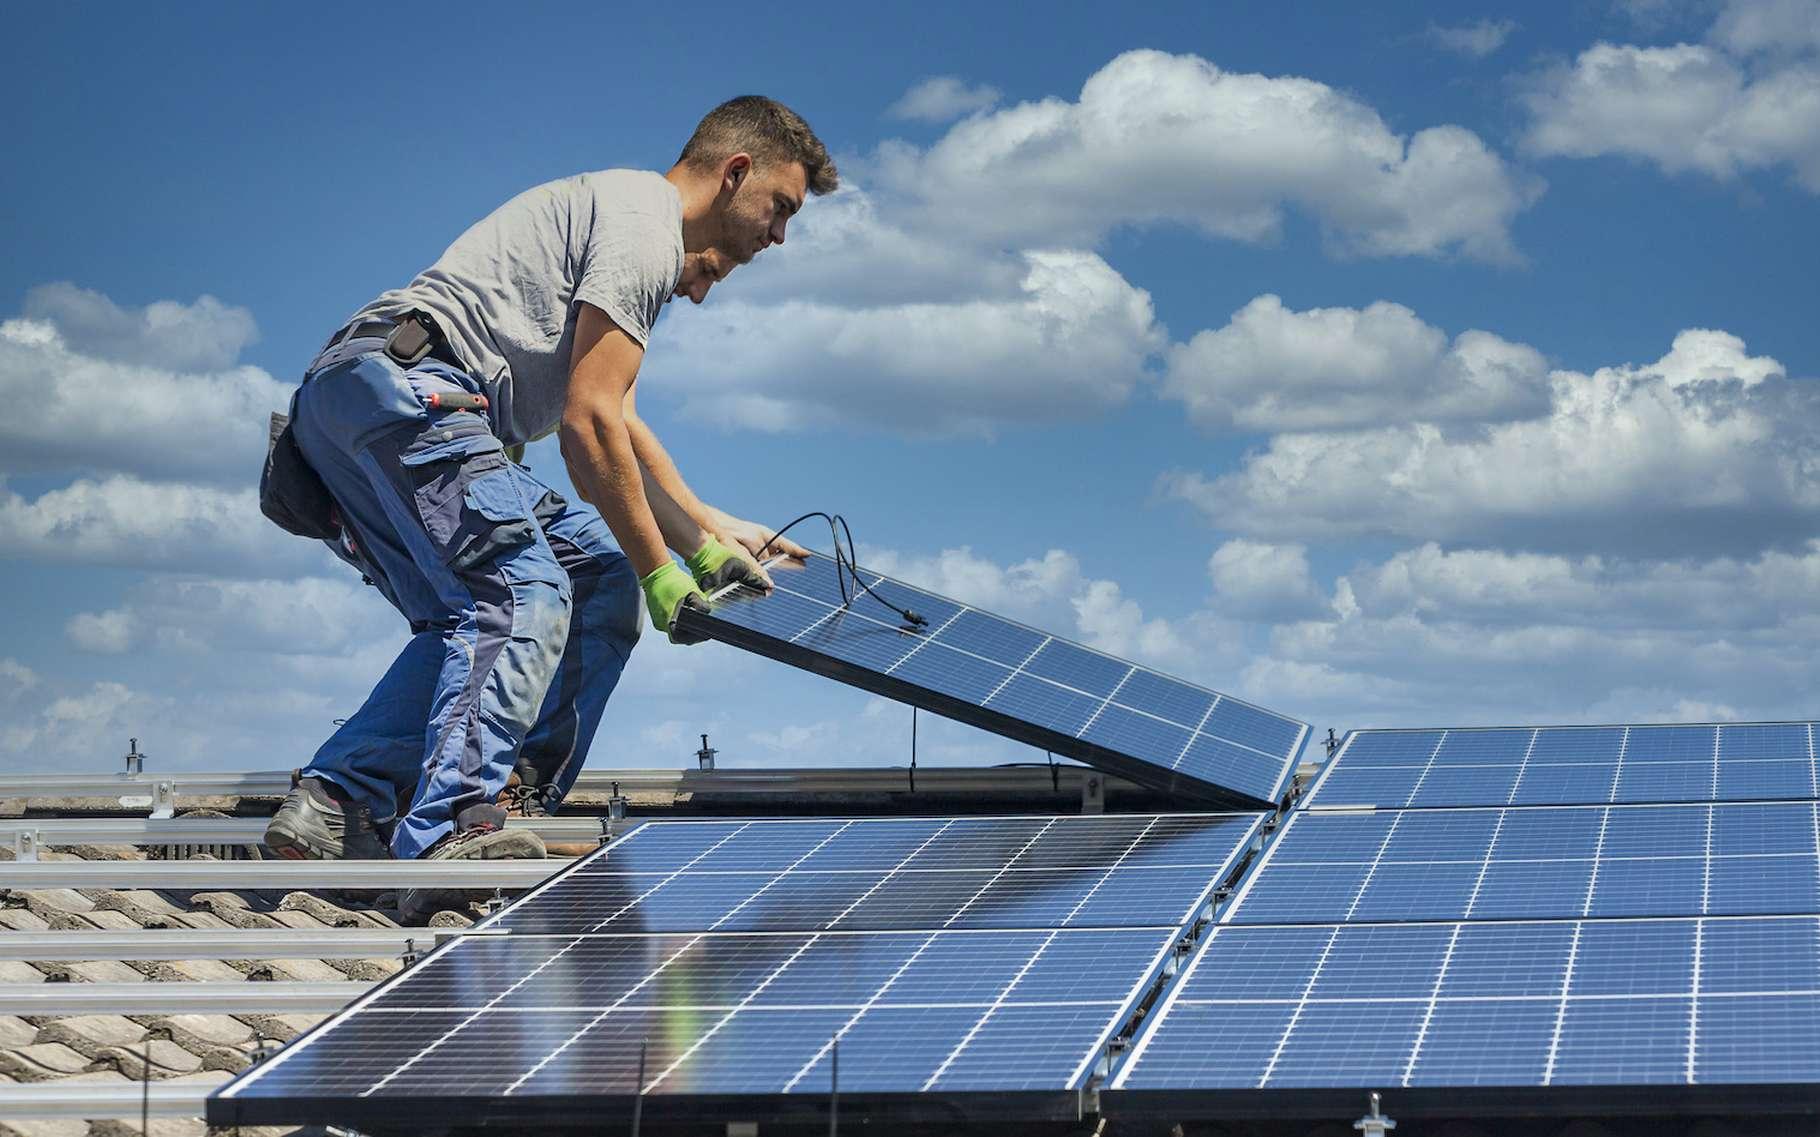 On trouve aujourd'hui sur le marché des kits panneaux solaires à installer soi-même. Mais il faut parfois avoir certaines compétences en électricité et en bricolage pour les poser en toute sécurité. © mmphoto, Adobe Stock